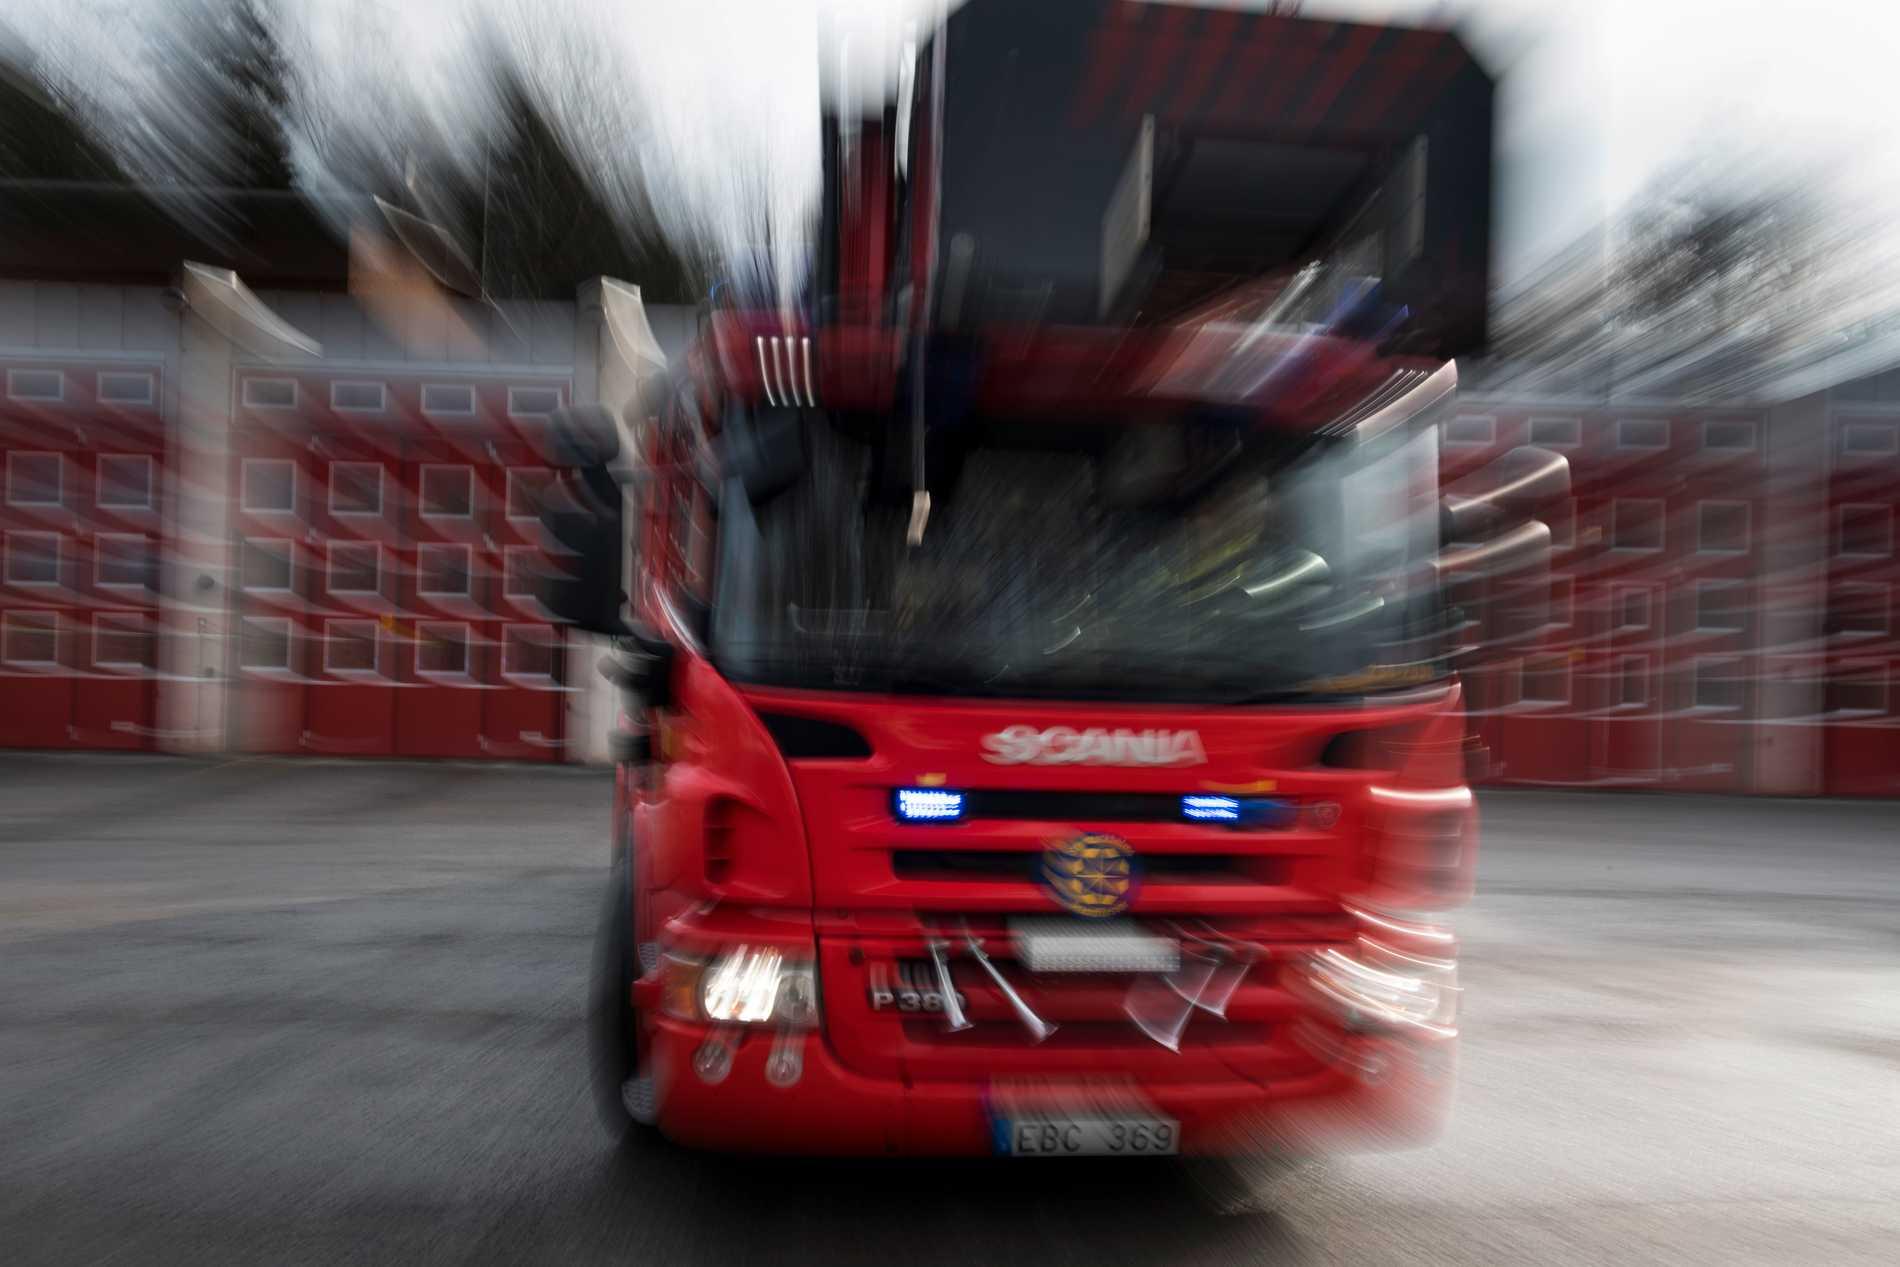 Polisen har inlett en förundersökning om misstänkt mordbrand efter en brand i Norrköping under natten. Arkivbild.